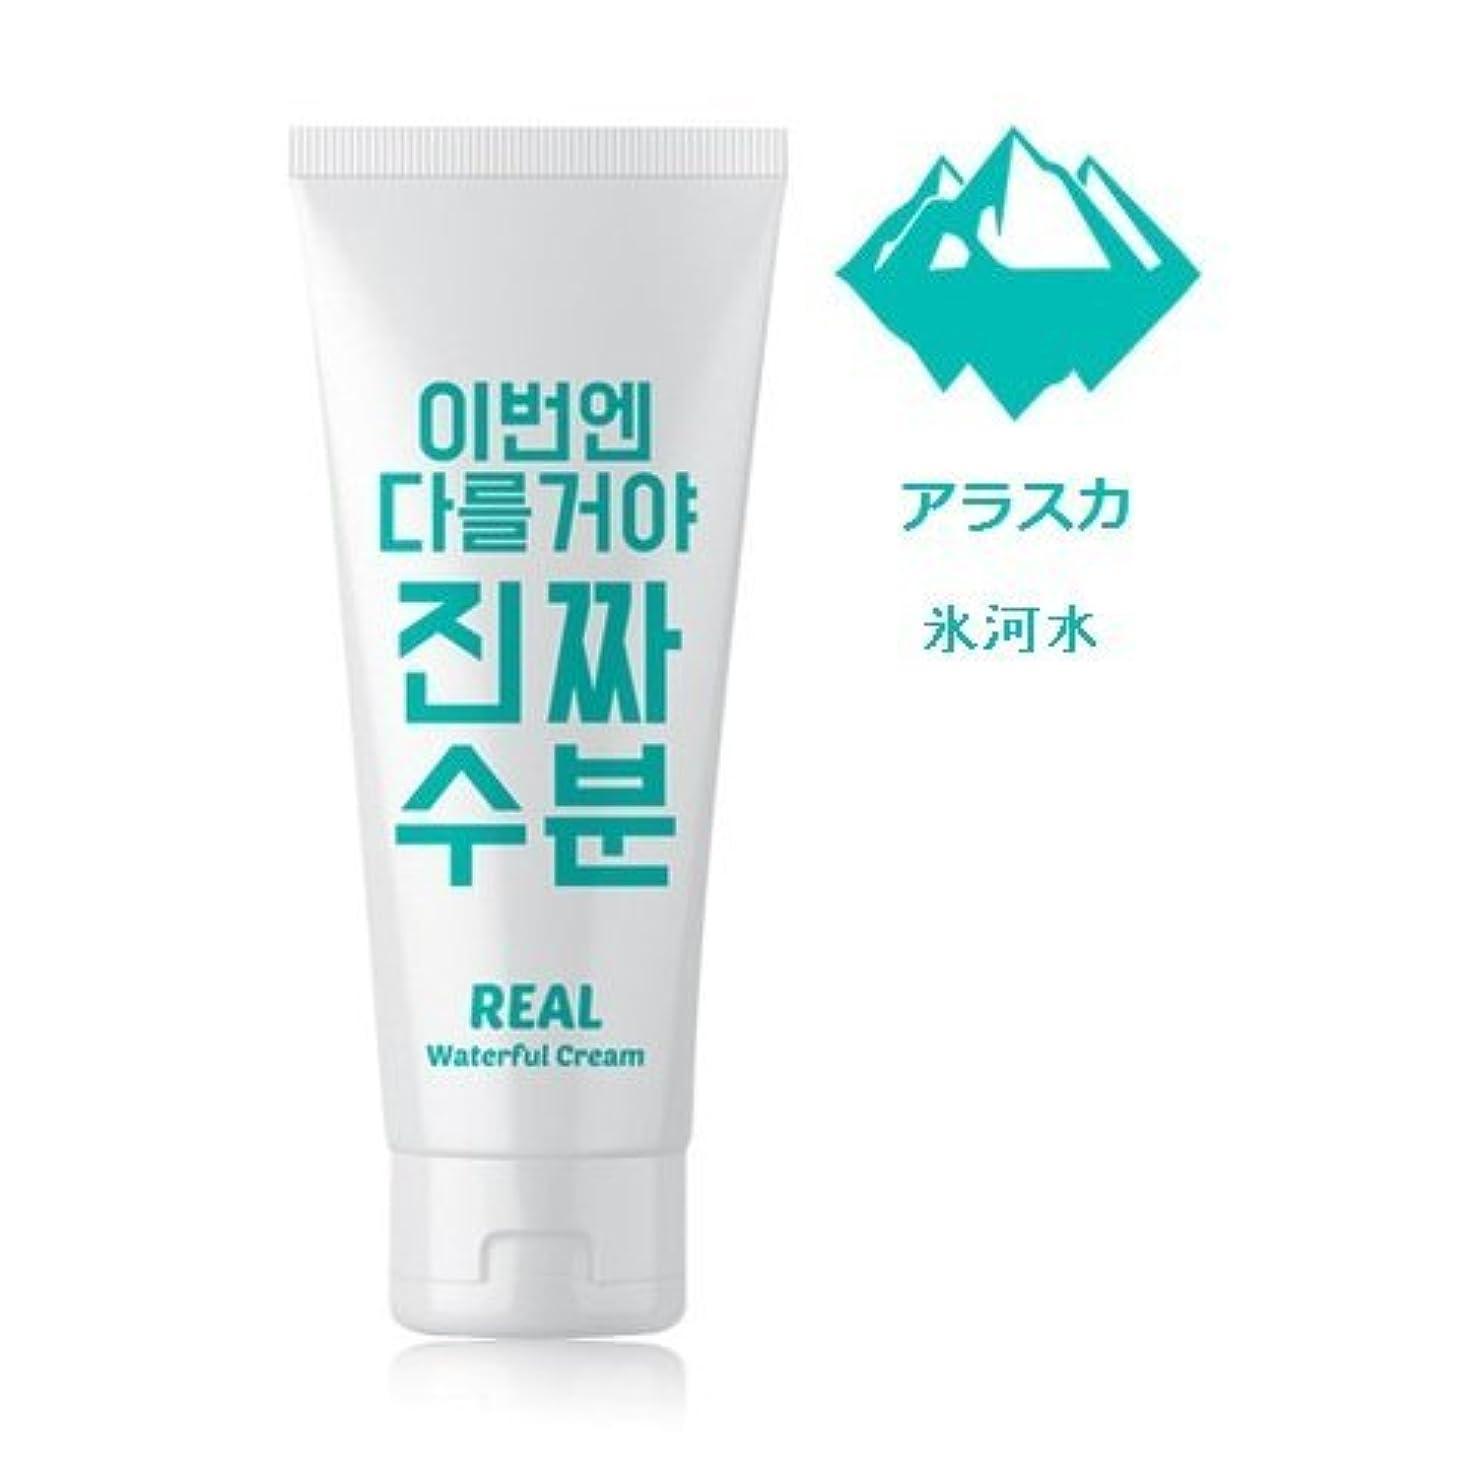 シンプルな家禽未就学[1+1]Jaminkyung [FREE MARK] Real Waterful Cream 200g*2EA ジャミンギョン[フリーマーク]今度は違うぞ!! 本当の水分クリーム [並行輸入品]